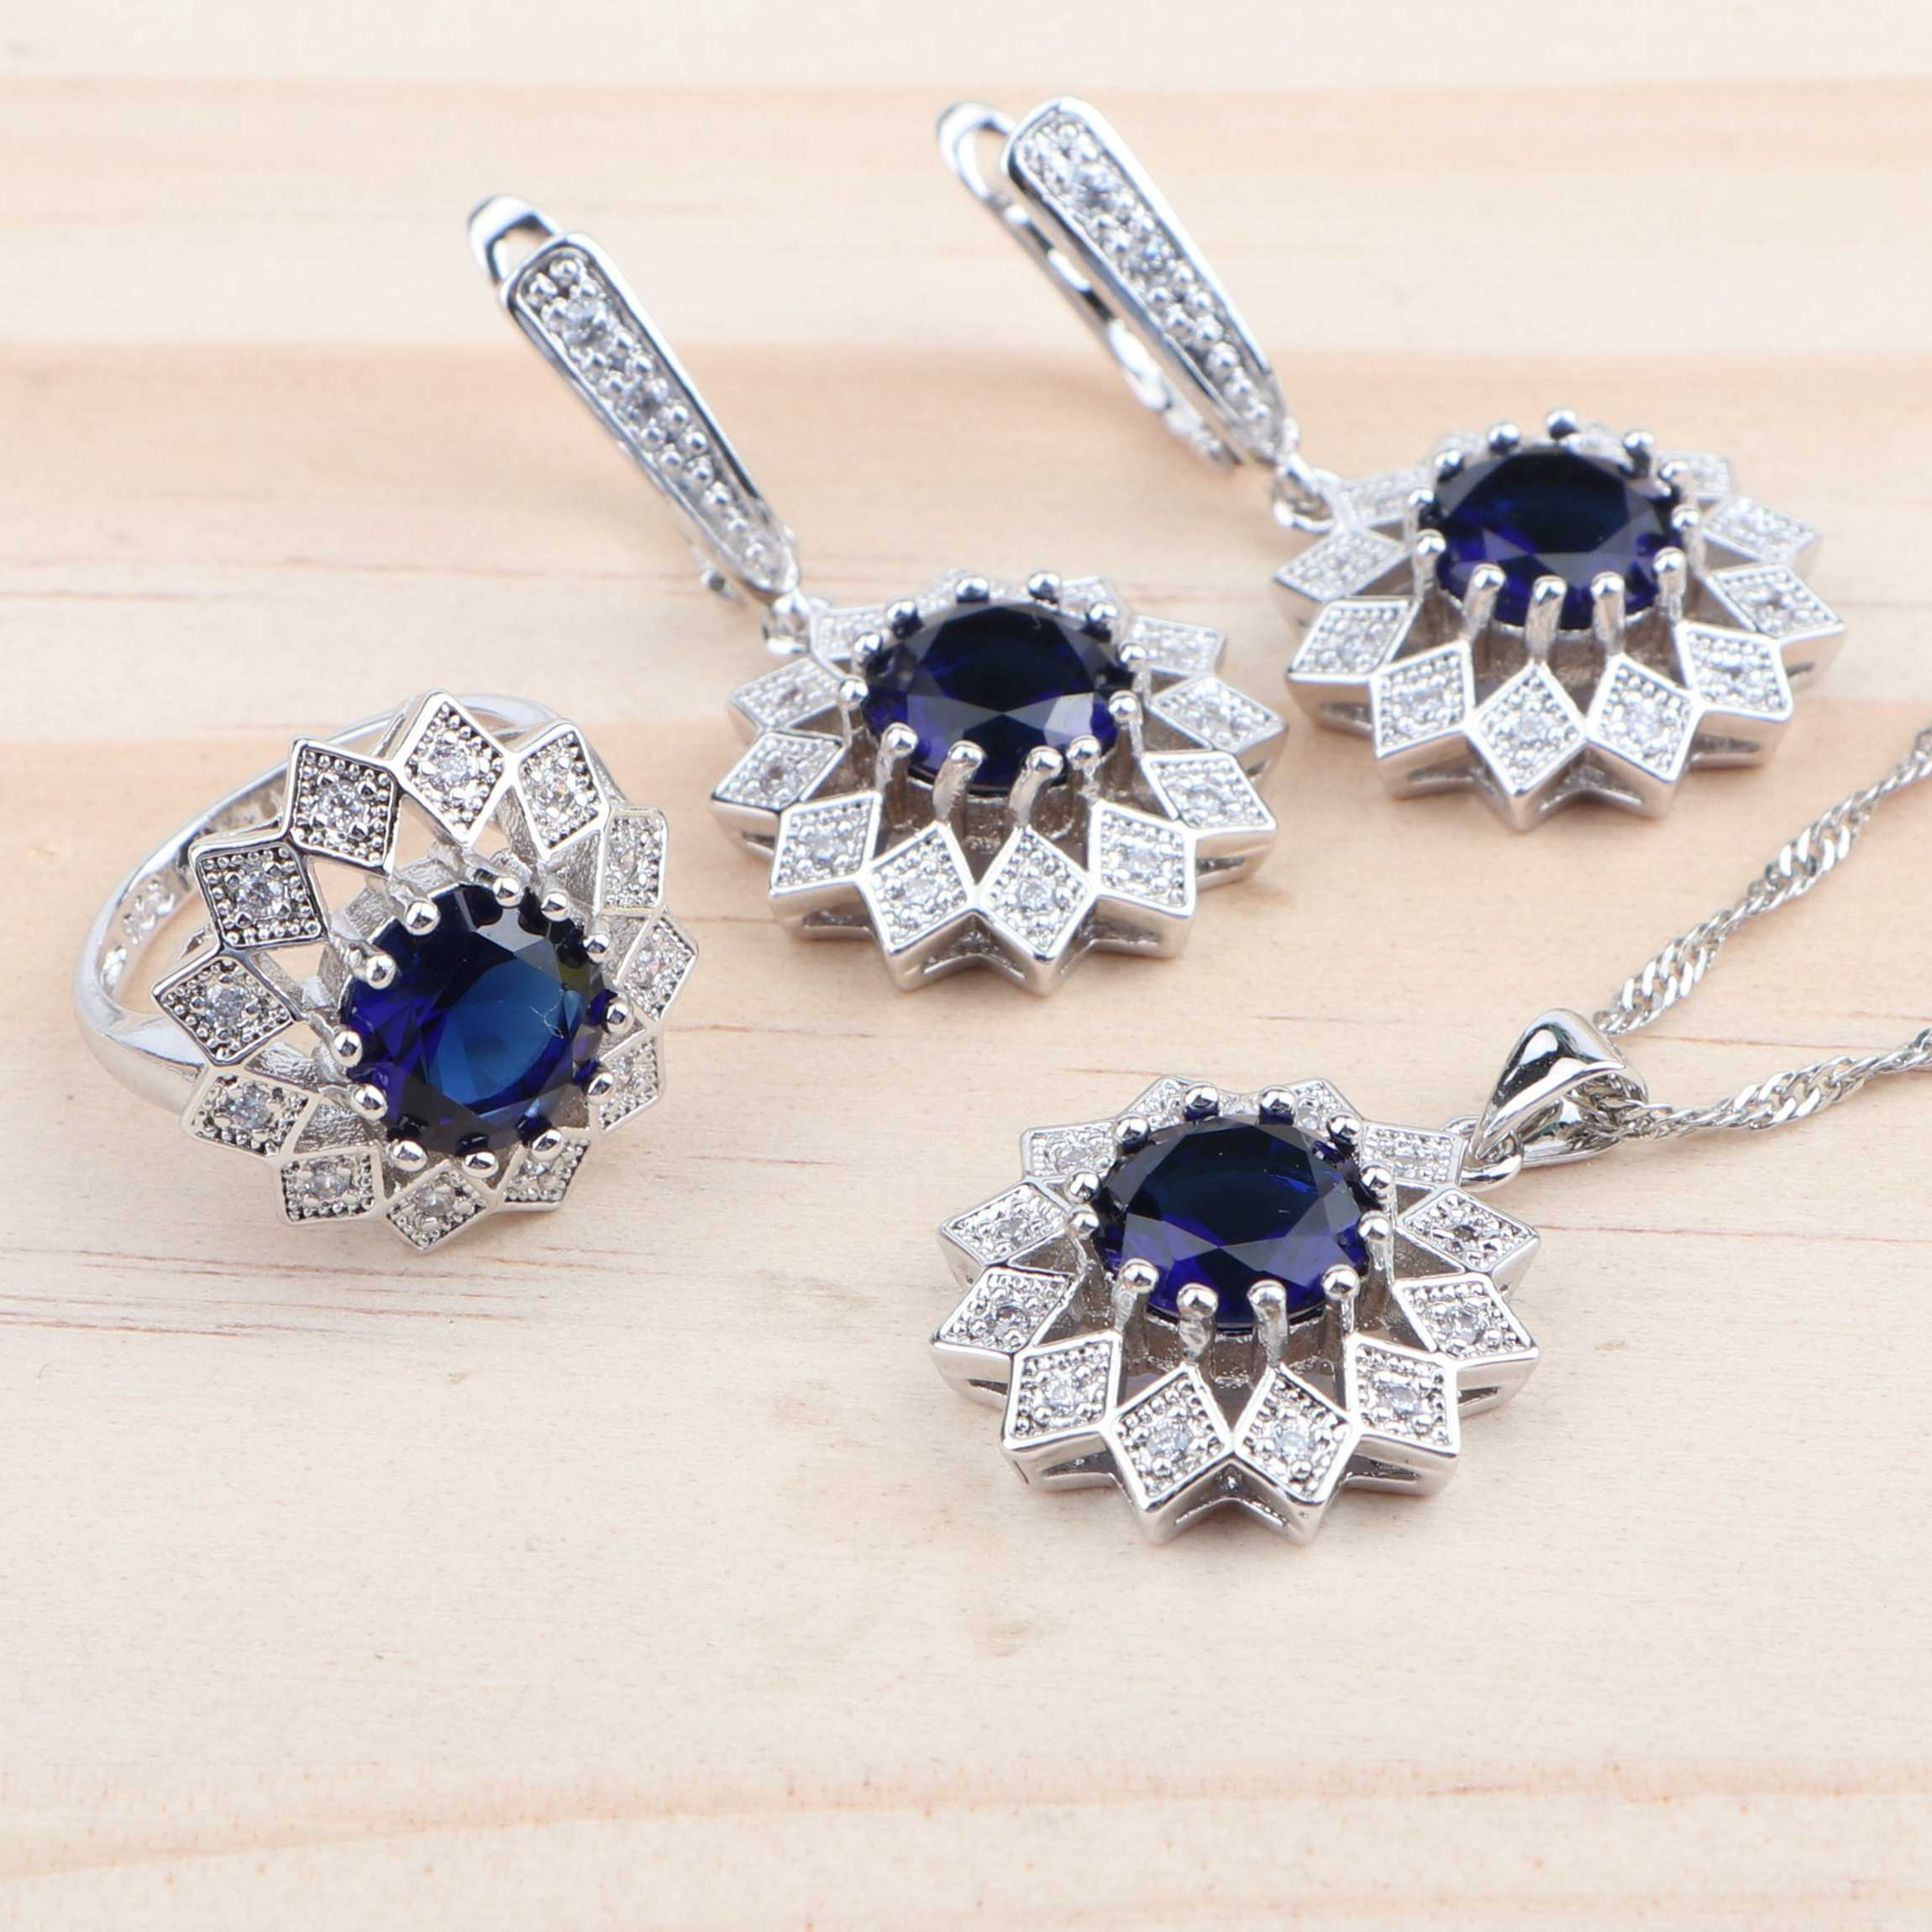 ผู้หญิงเครื่องประดับชุดเจ้าสาว 925 Silver Zirconia Blue Zirconia งานแต่งงานชุดสร้อยคอจี้แหวนต่างหูสร้อยข้อมือชุดเครื่องประดับ